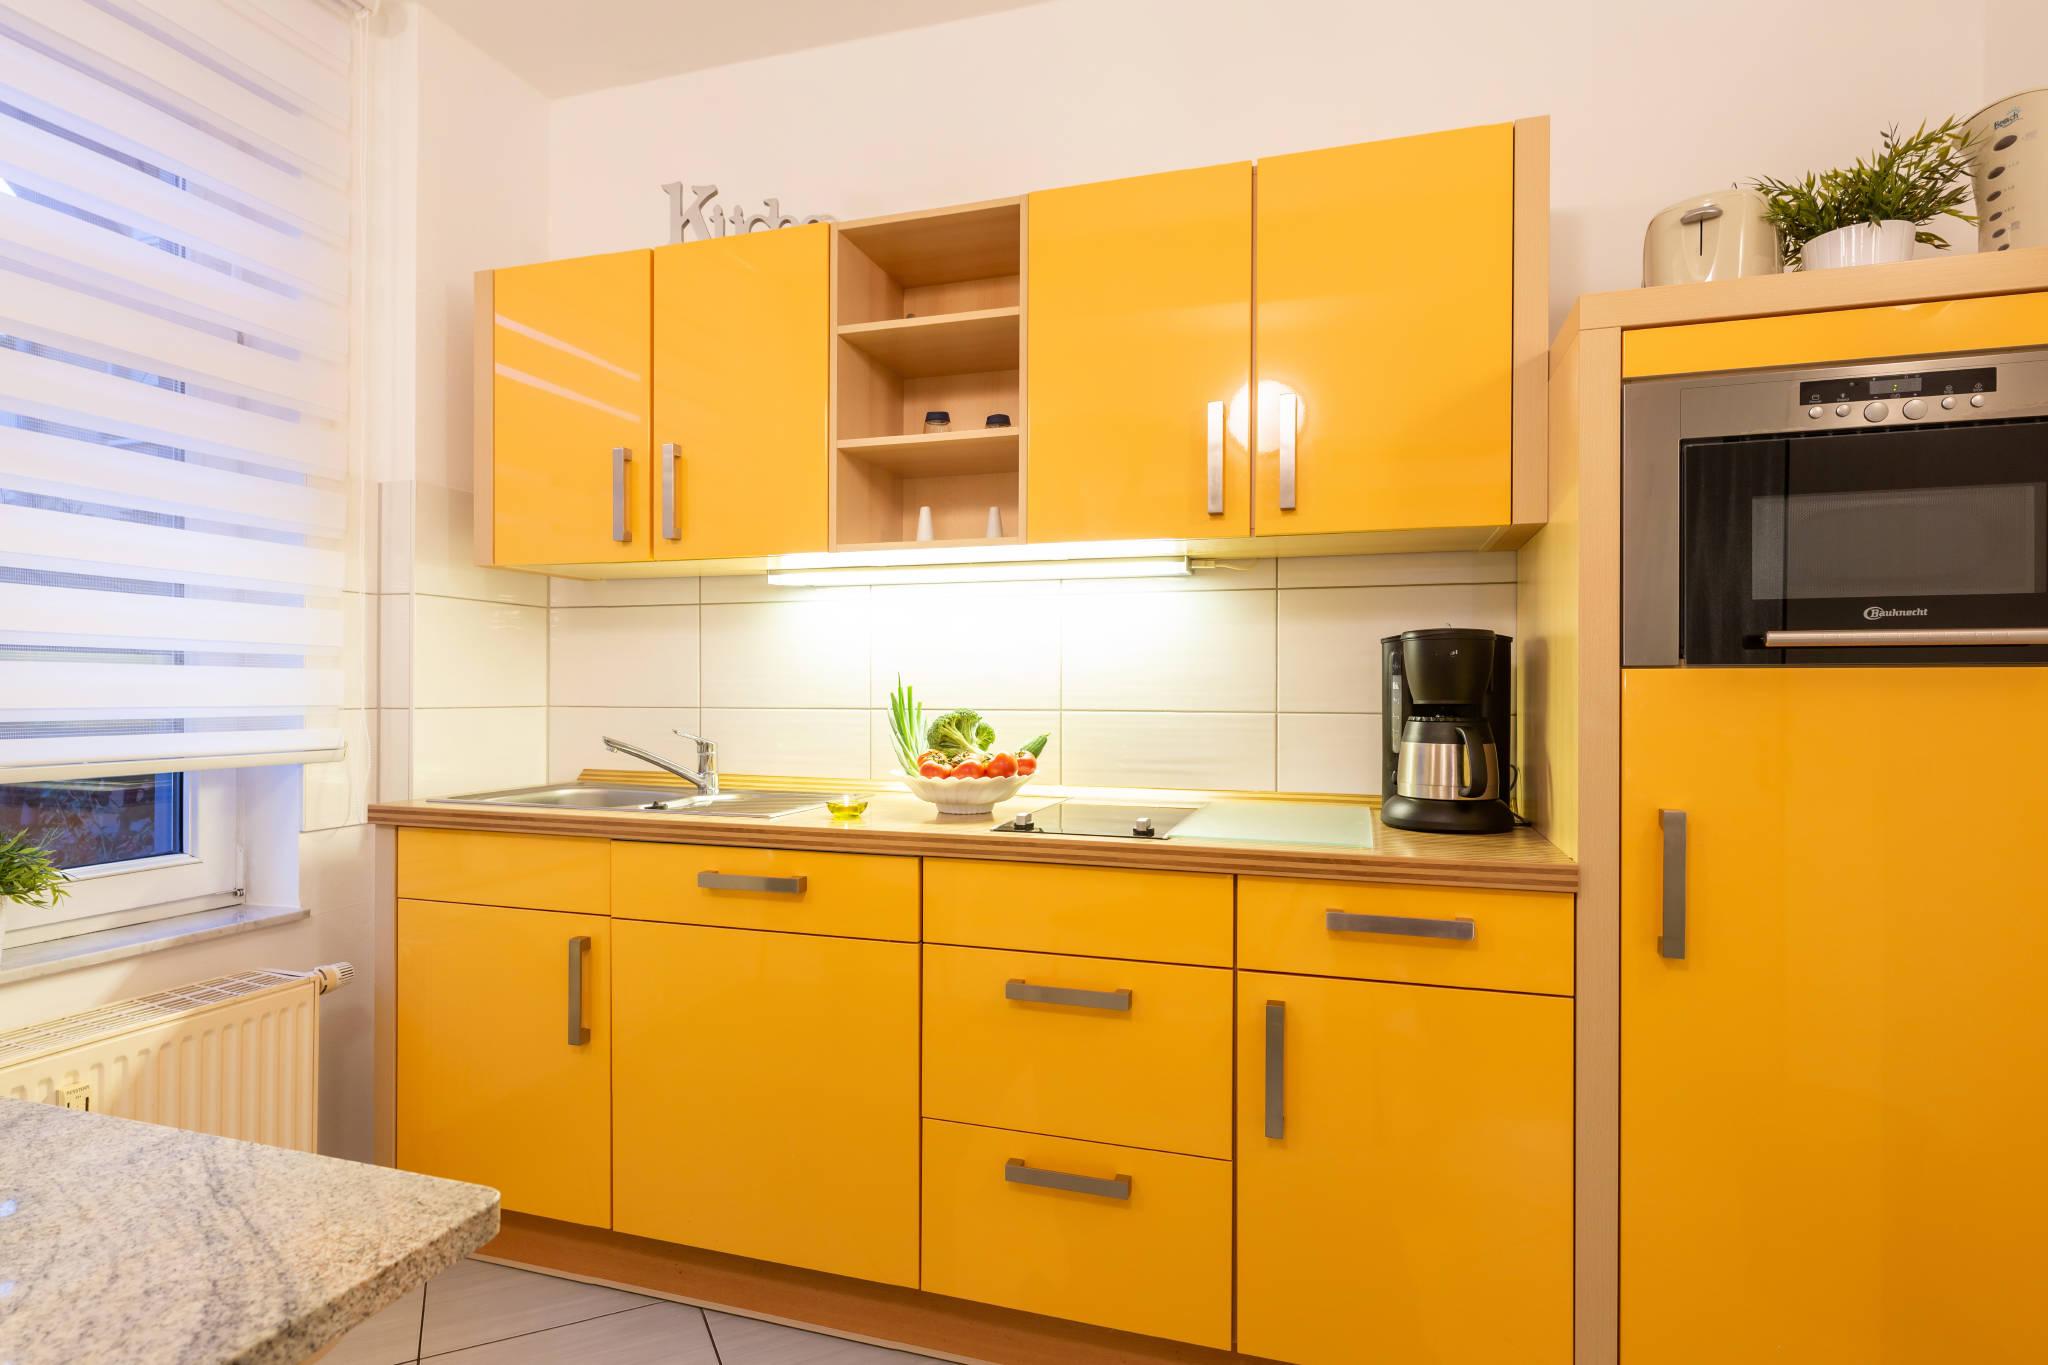 Flur - Blick zur Küche